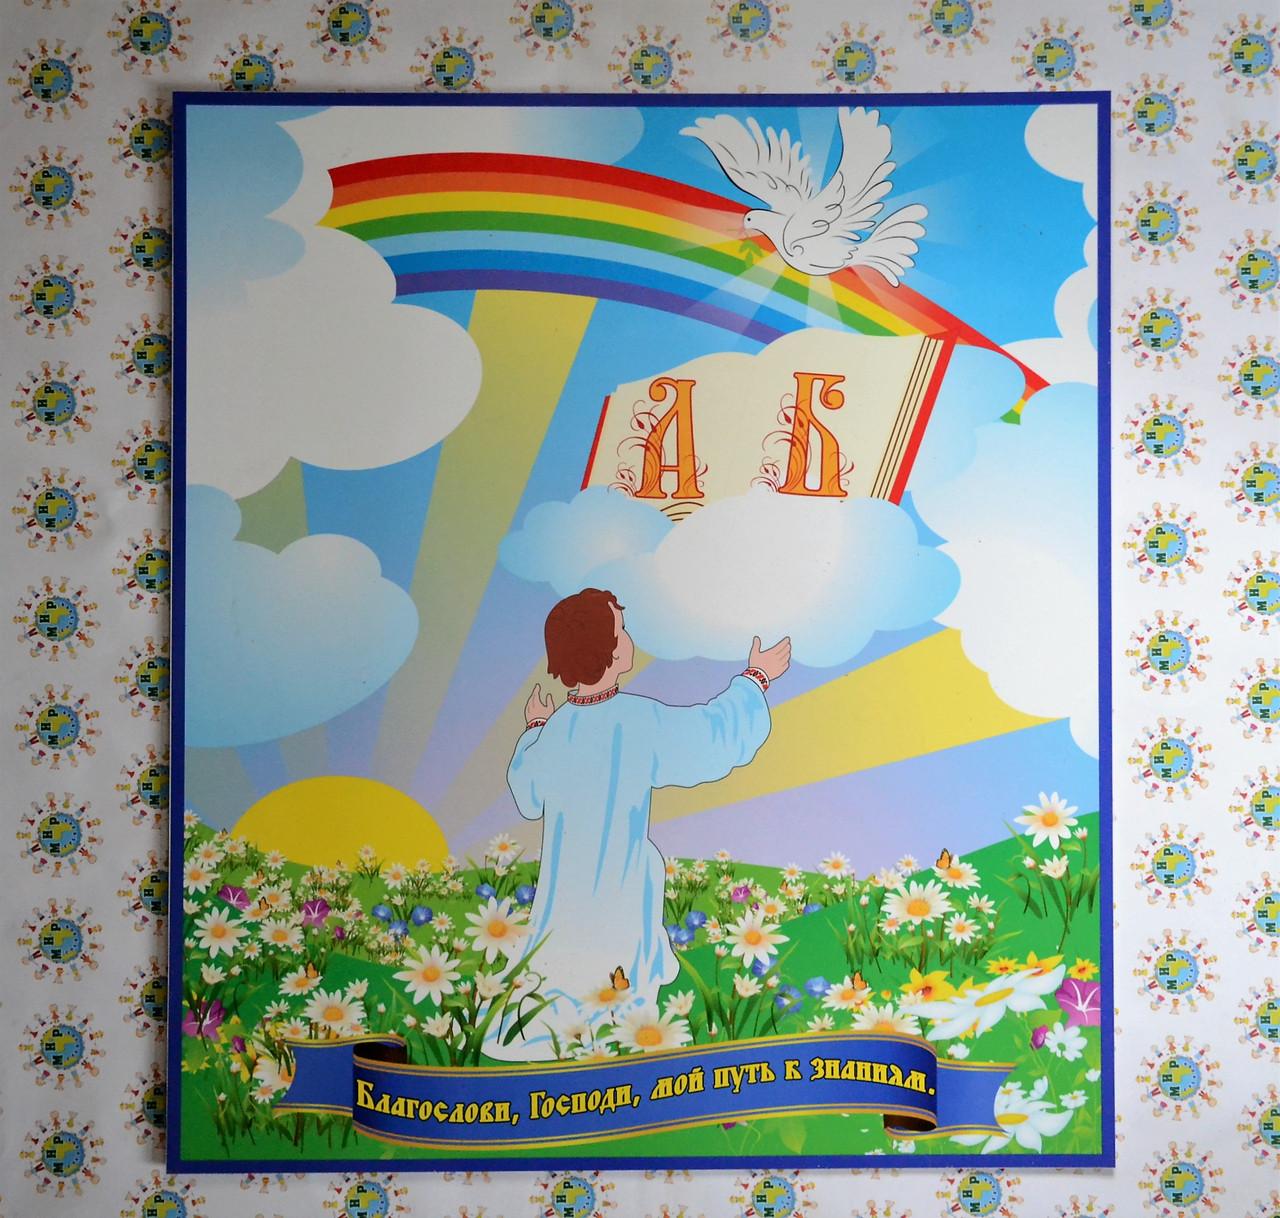 Визитная карточка детского сада и воскресной школы